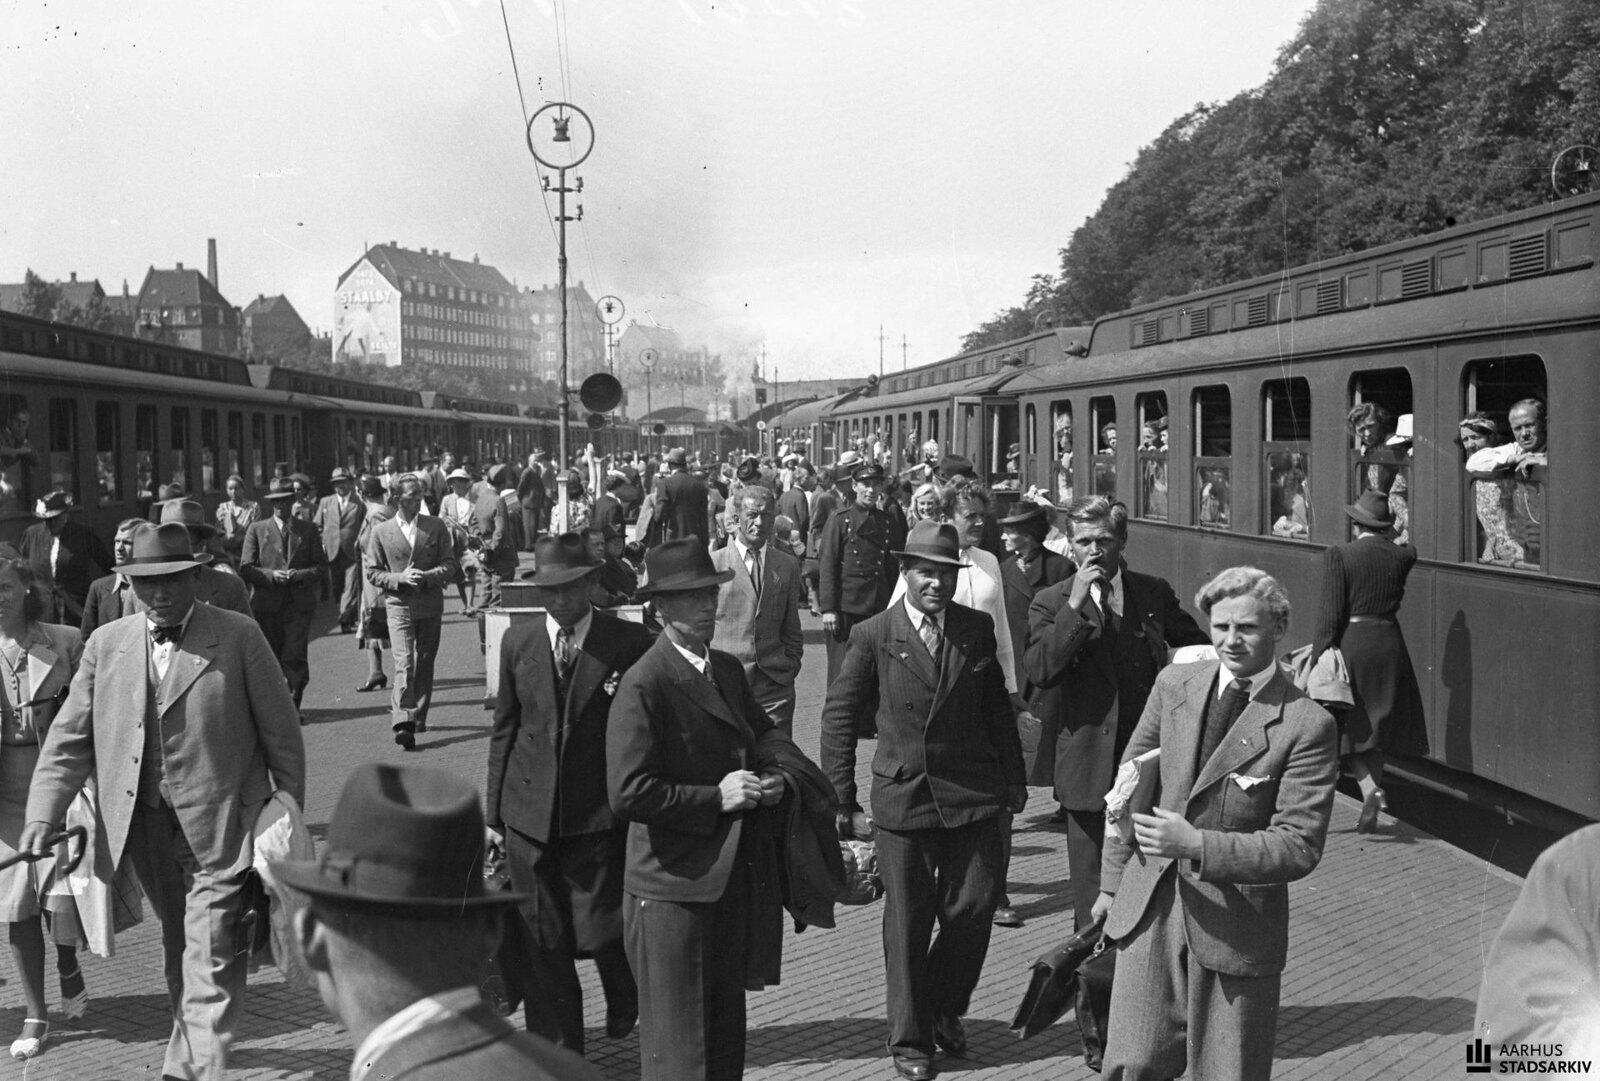 1943. Платформа заполнена людьми, направляющимися в отпуск. Отличный день для путешествия